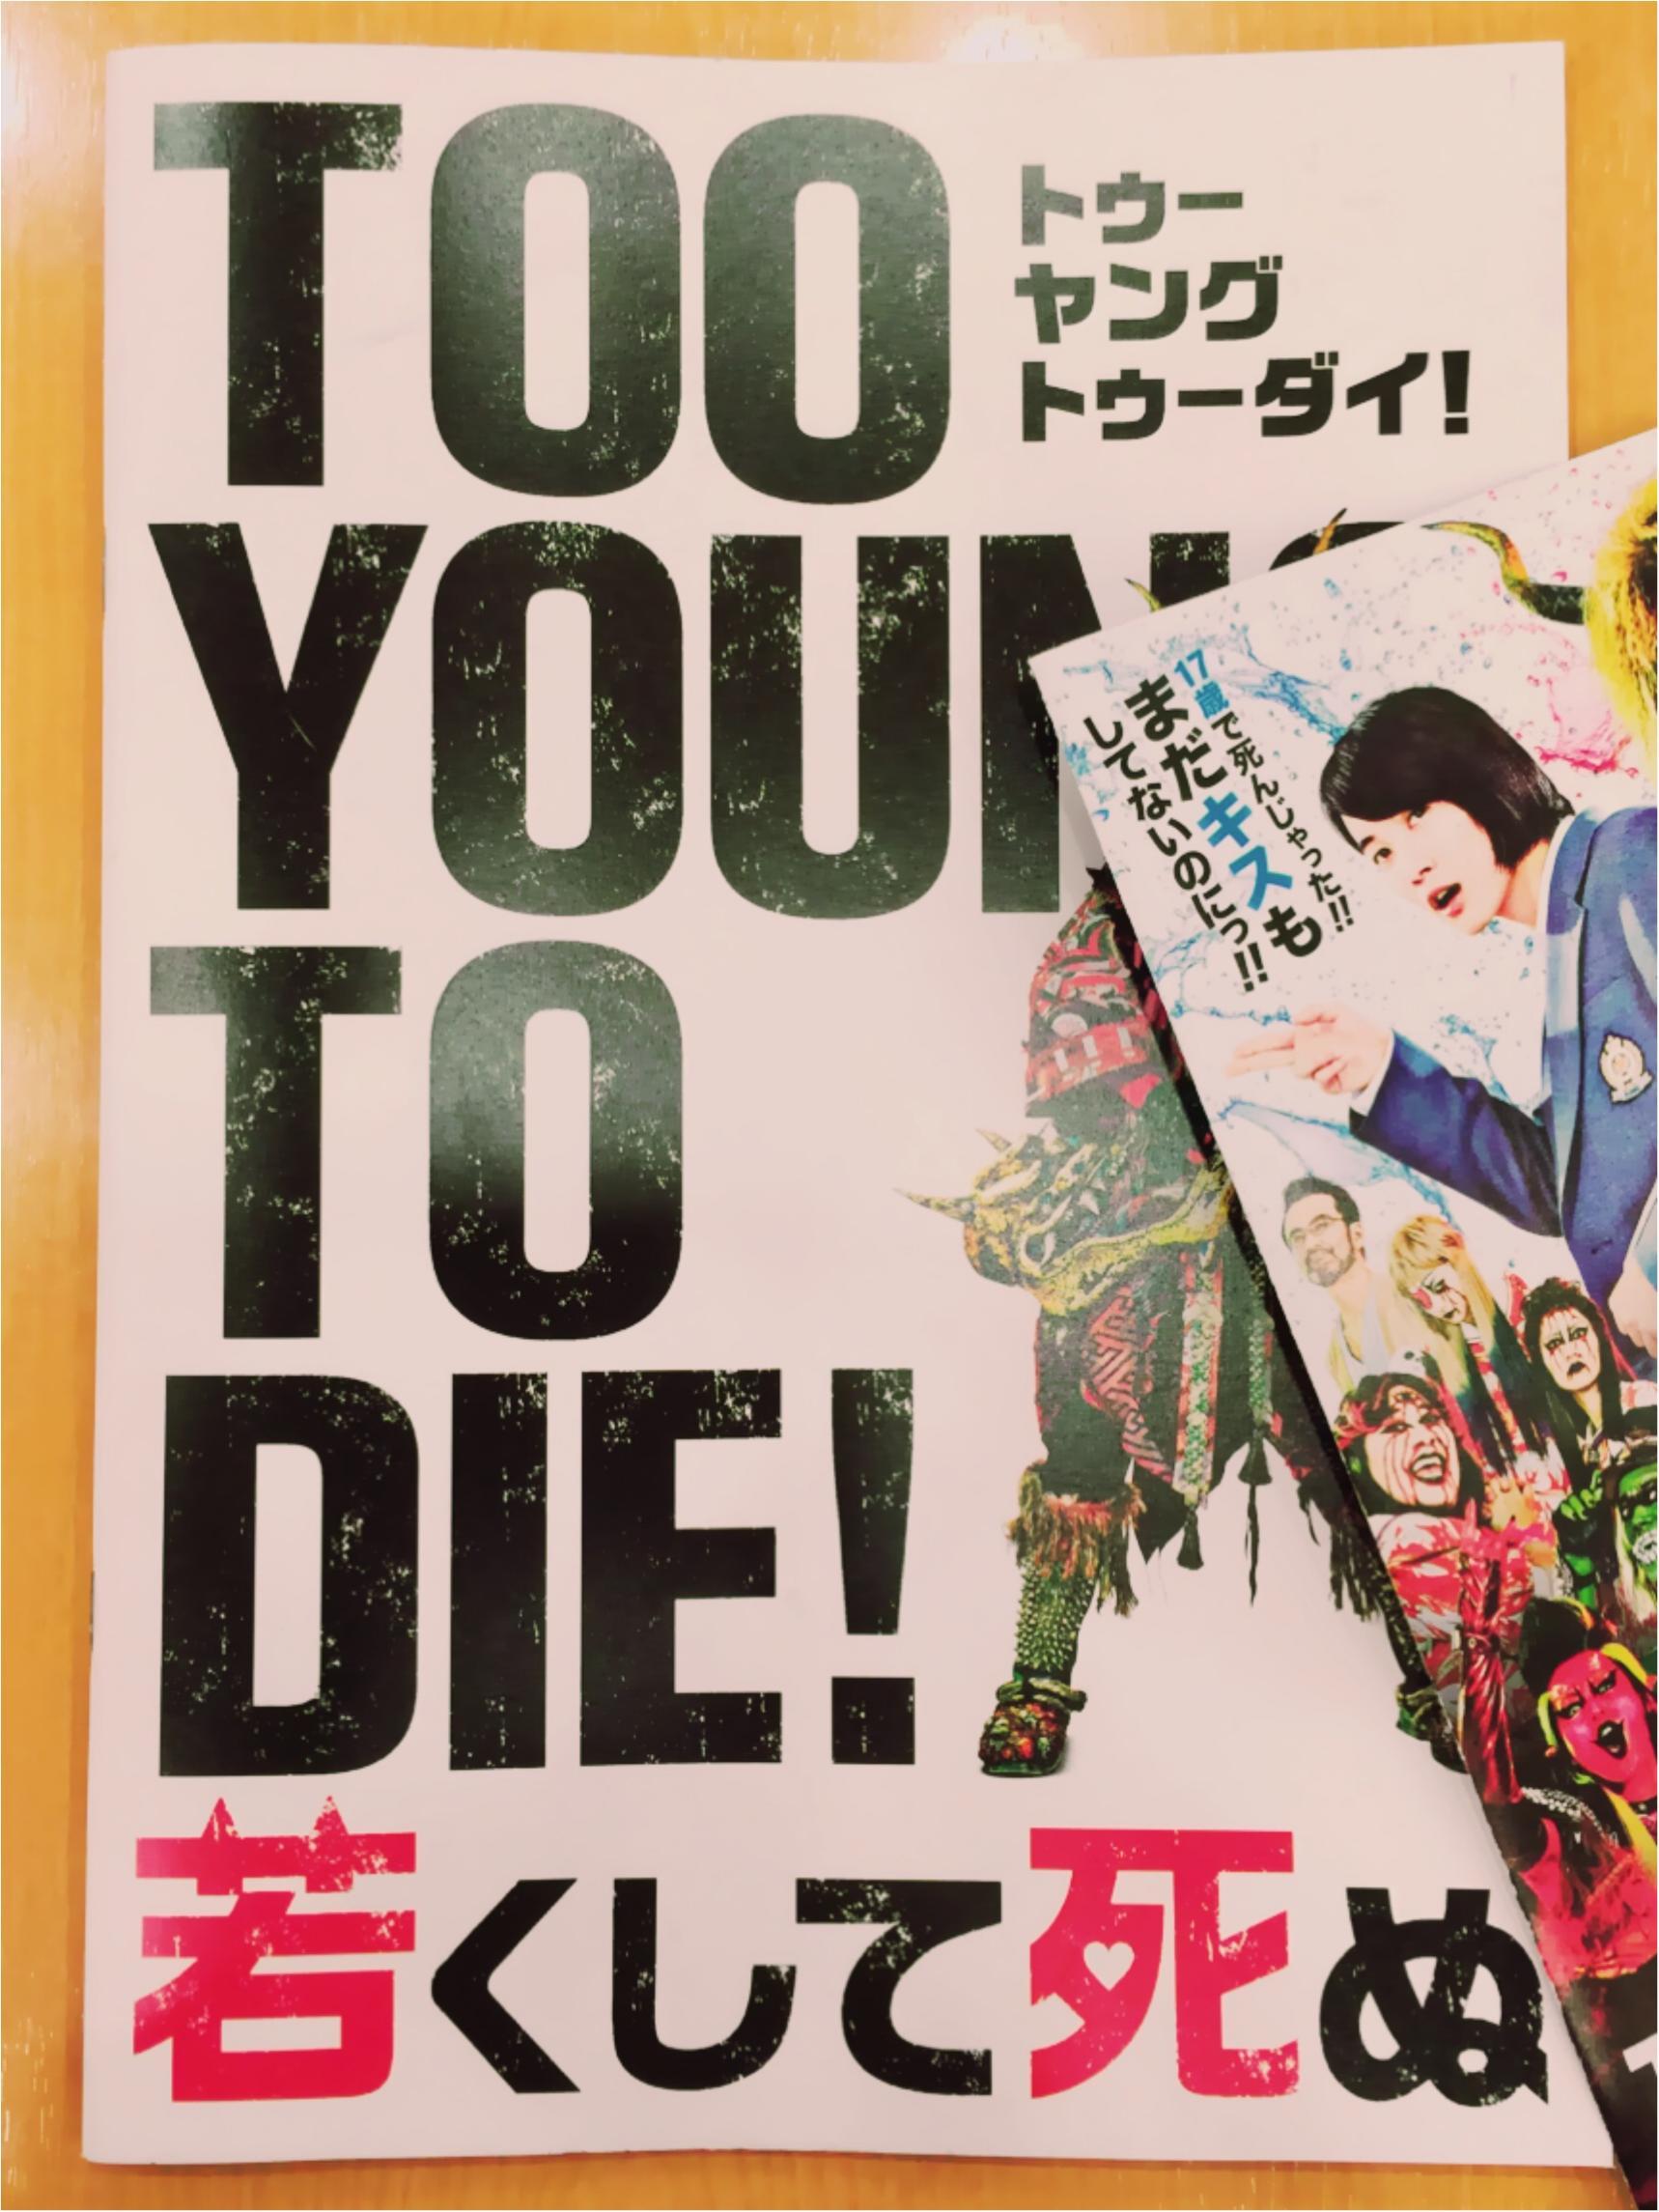 """ロック愛爆発!""""クドカン×長瀬智也×神木隆之介""""最新作に、大興奮!!!_1"""